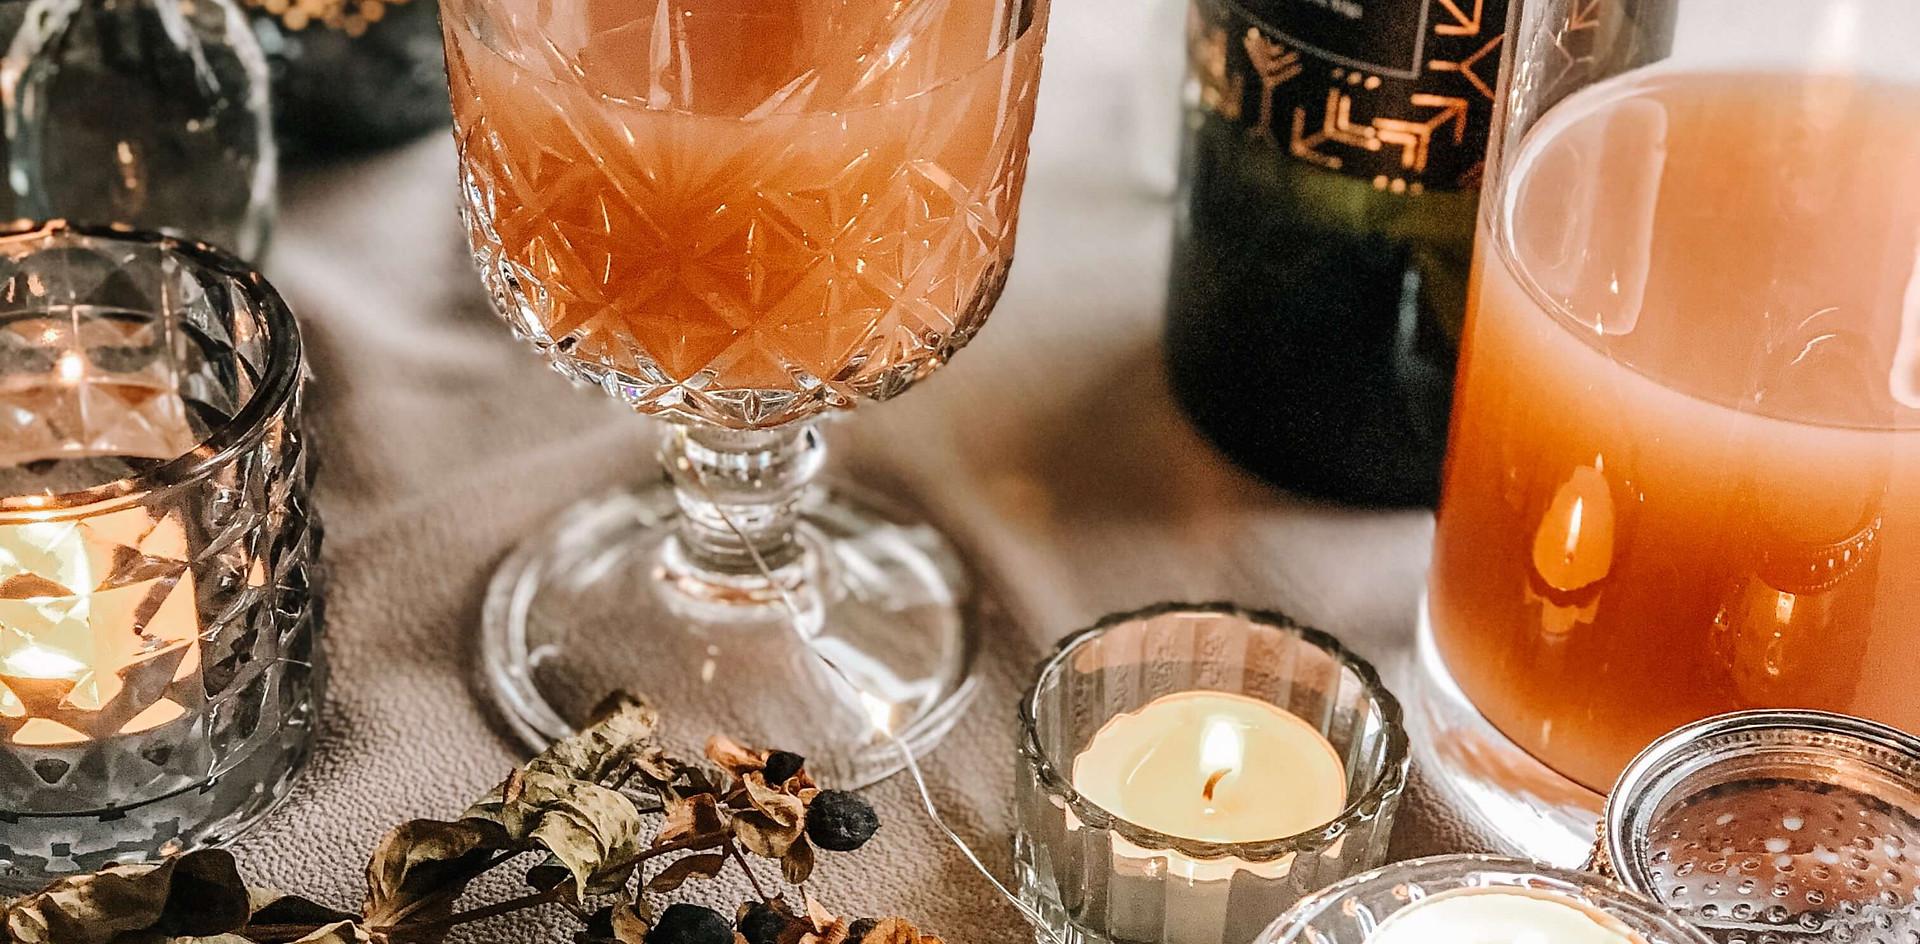 Talavas-sidrs-ziema-dzeriens